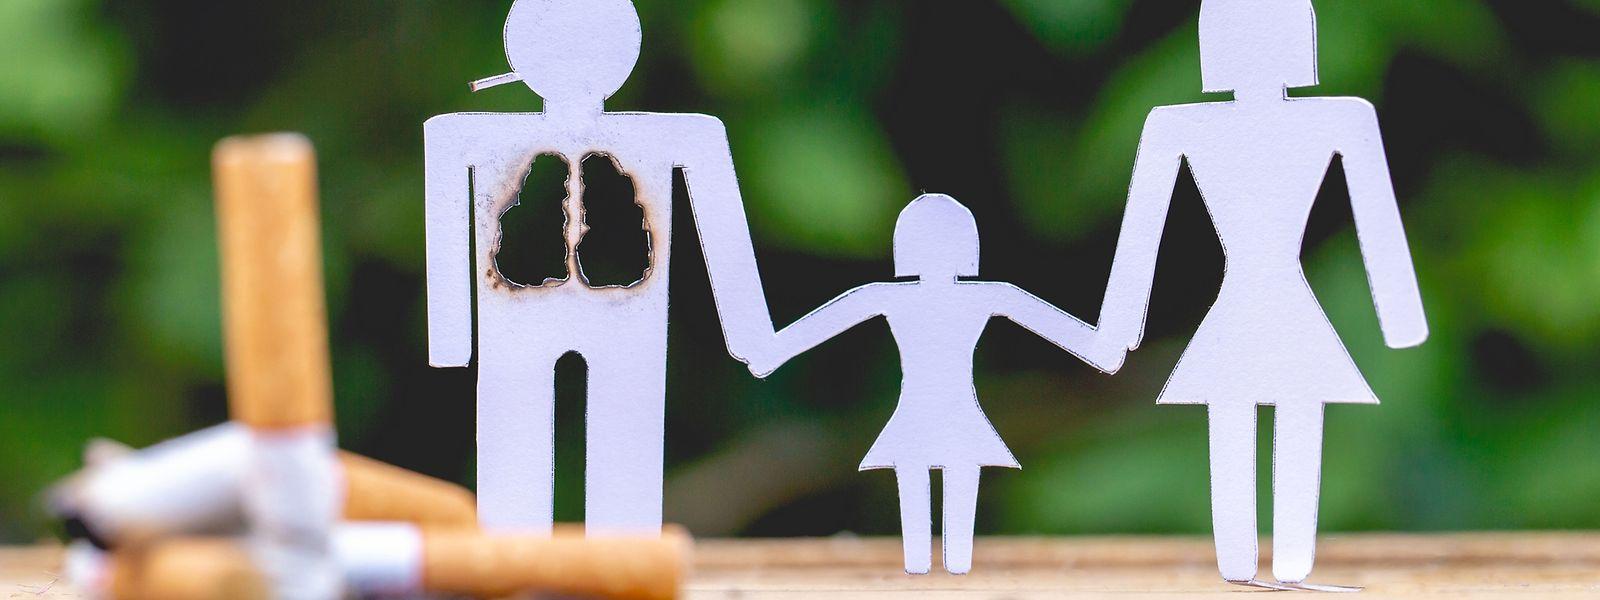 Die chronisch obstruktive Lungenerkrankung tritt in erster Linie bei starken Rauchern auf.